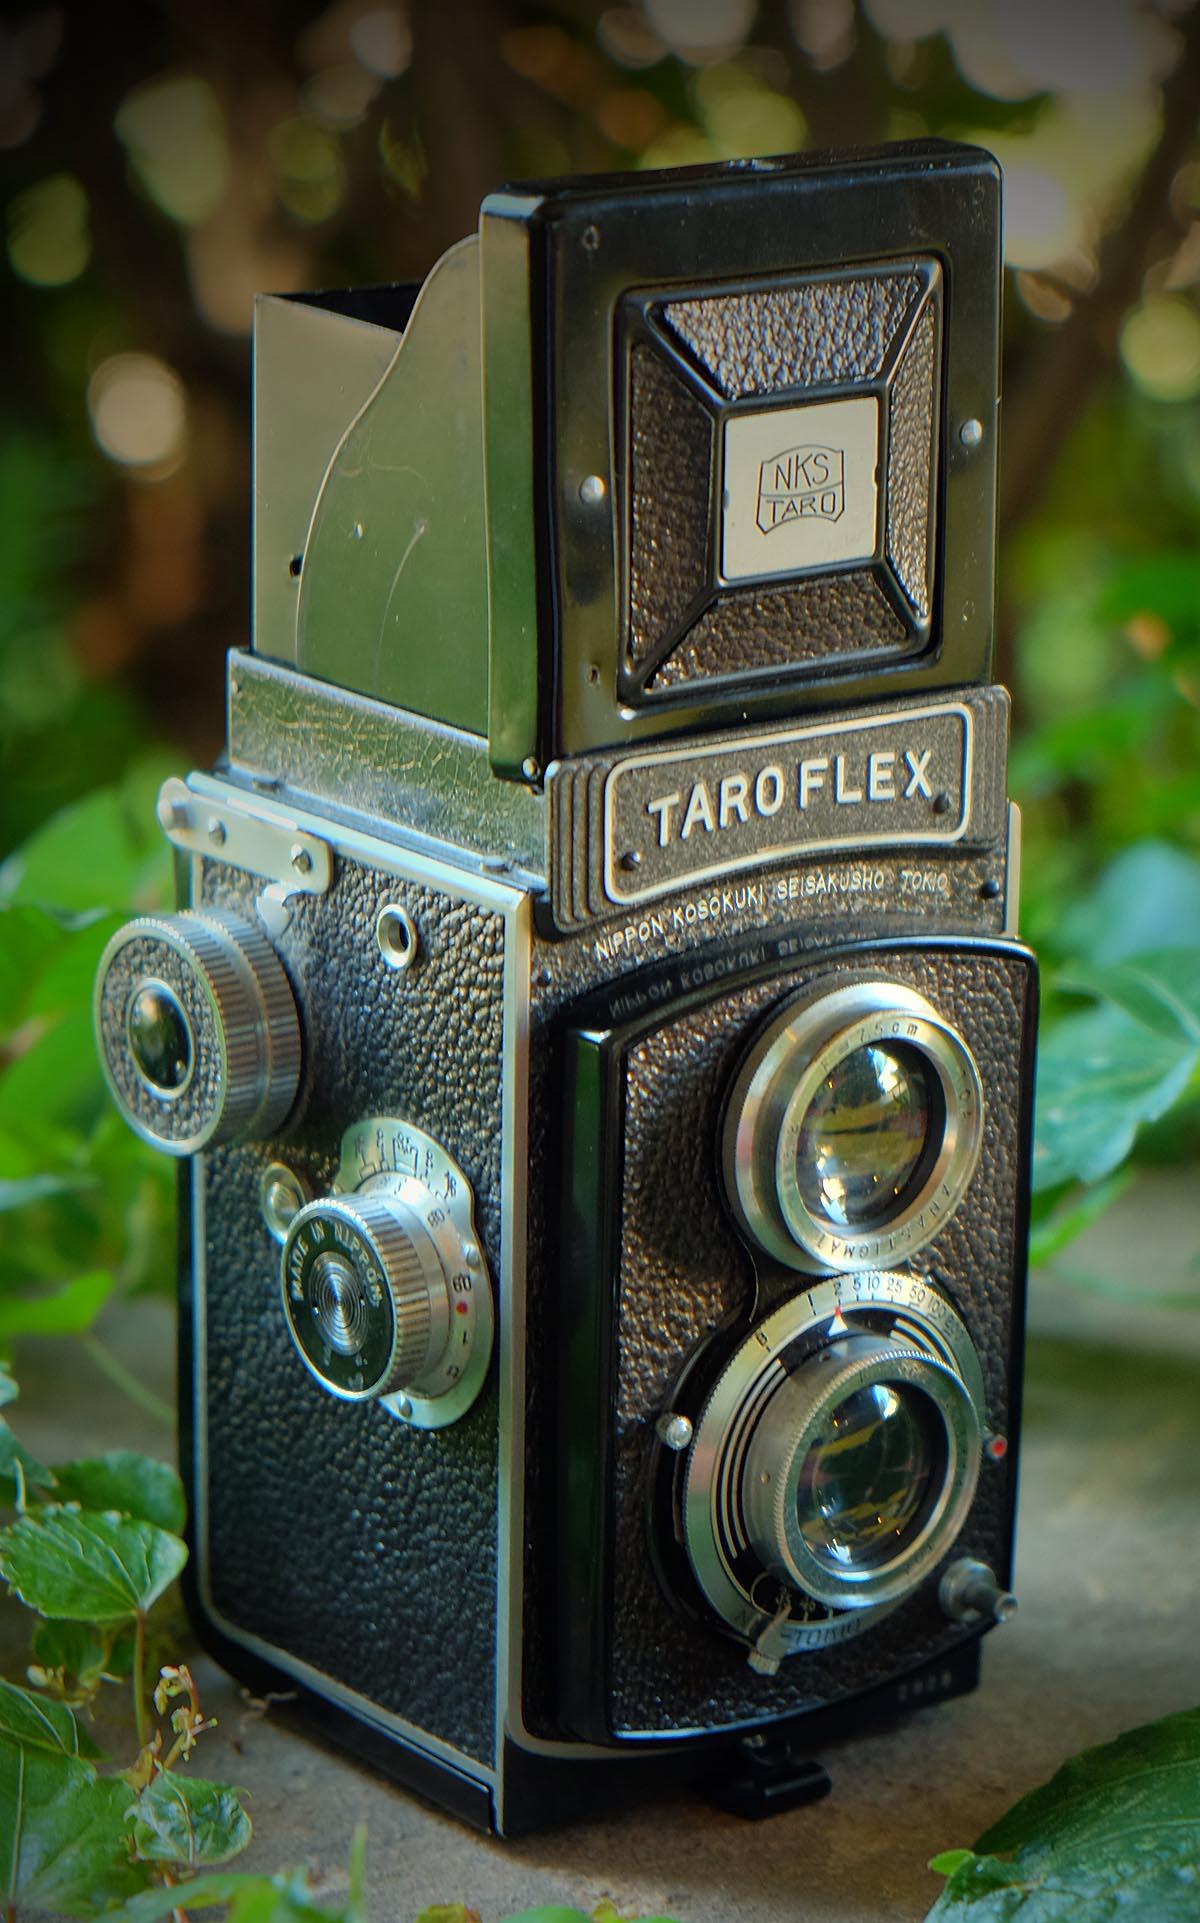 Taroflex